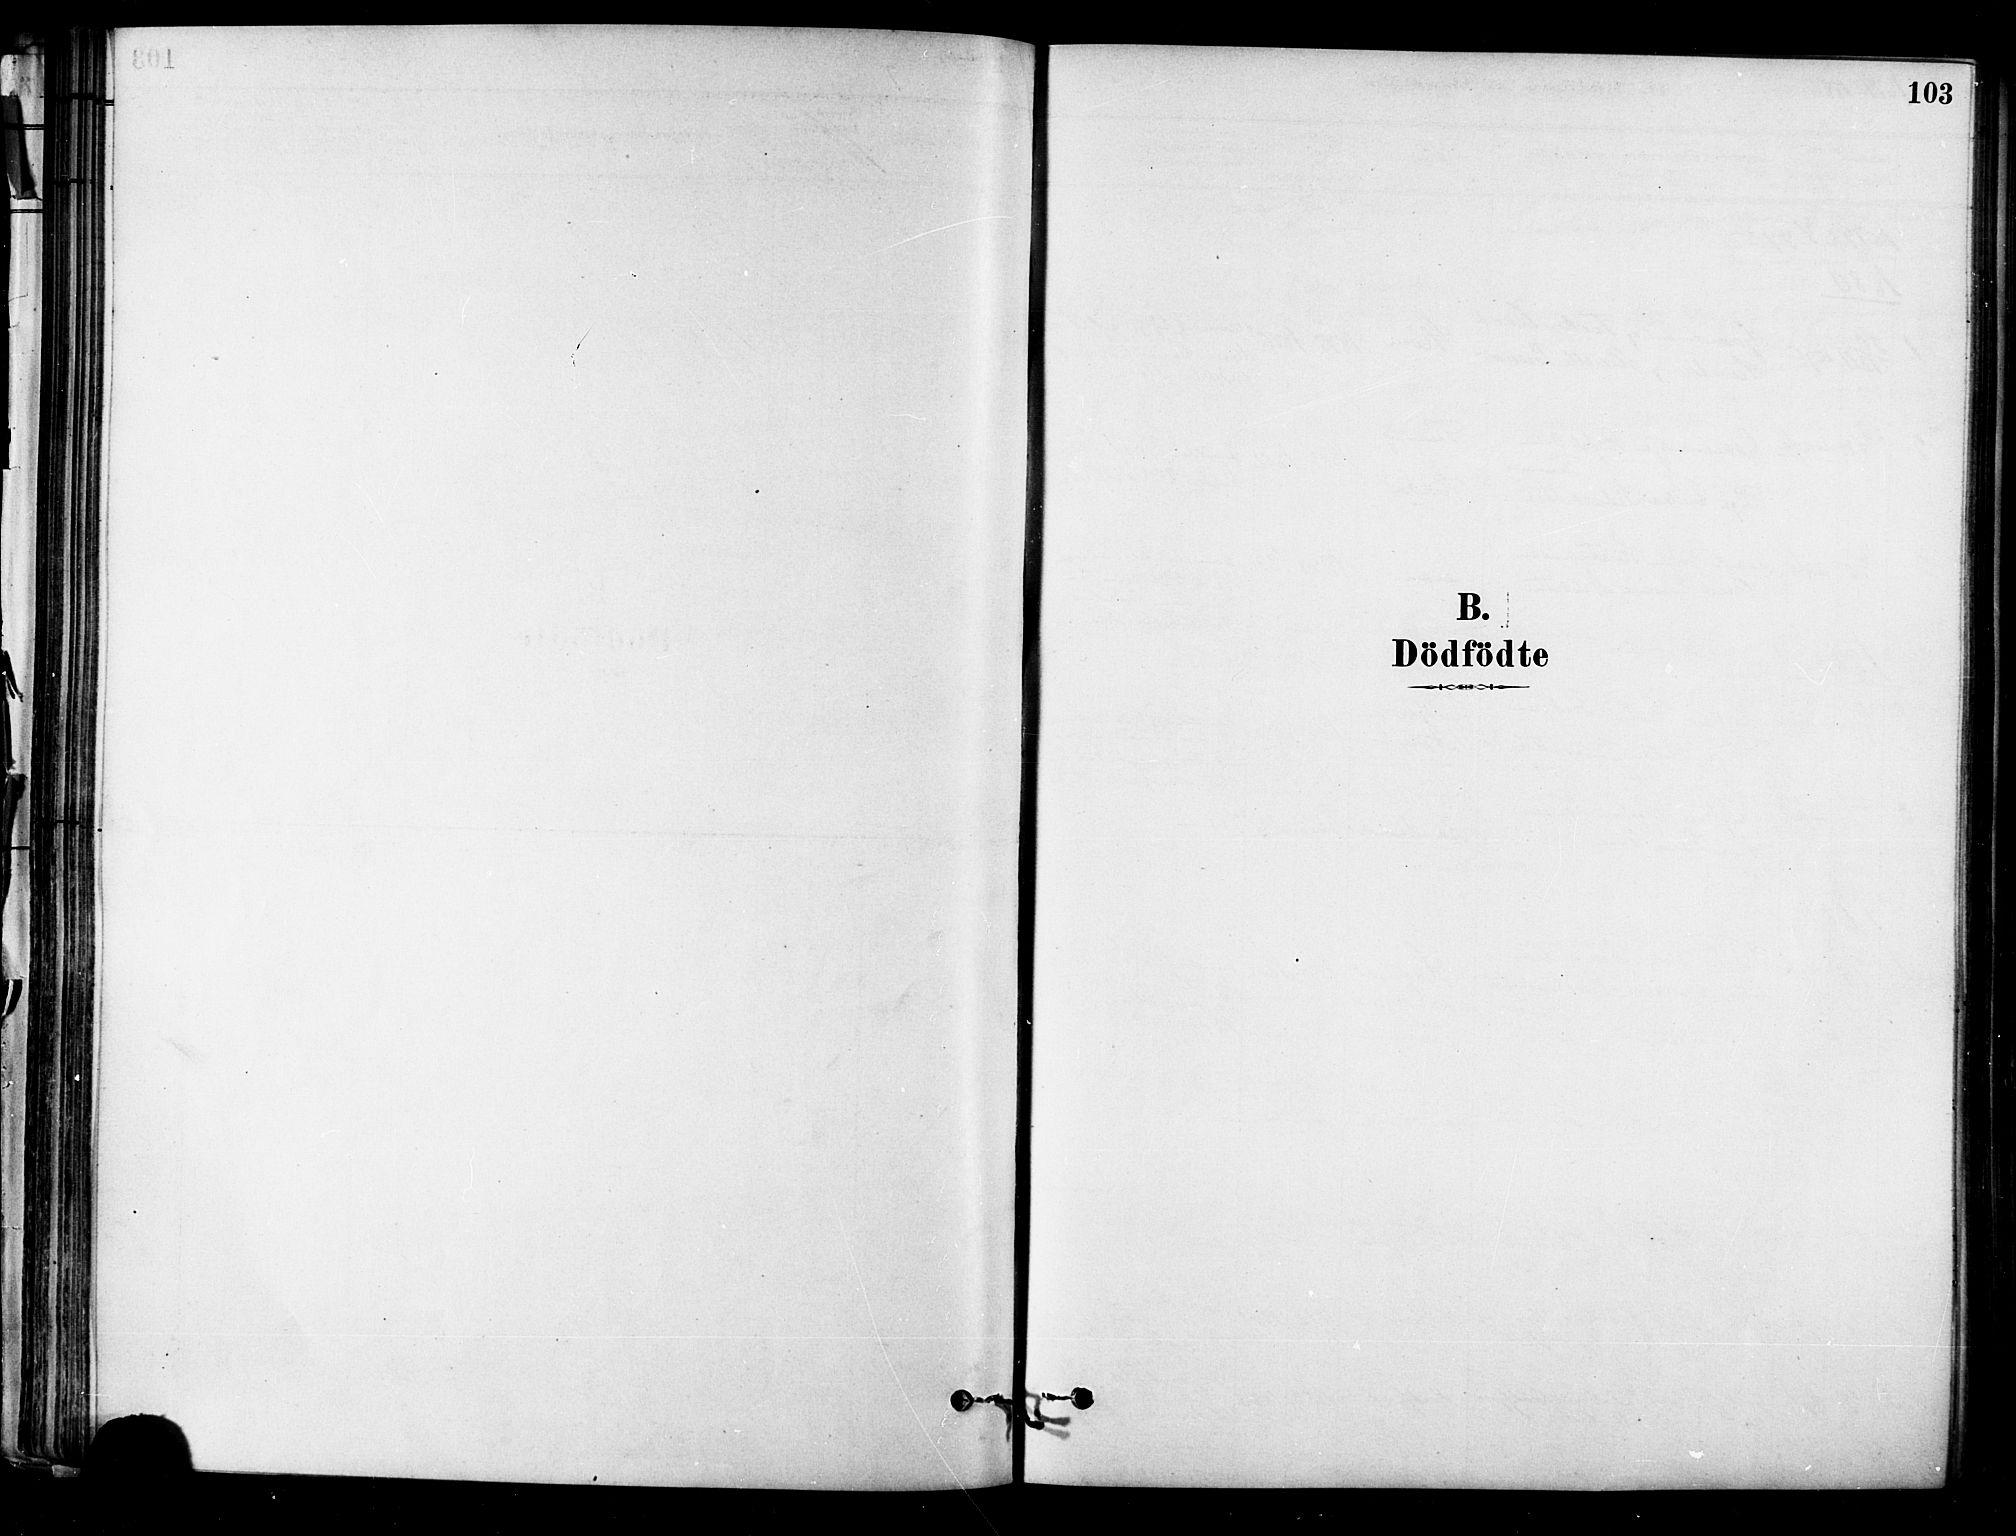 SAT, Ministerialprotokoller, klokkerbøker og fødselsregistre - Sør-Trøndelag, 657/L0707: Ministerialbok nr. 657A08, 1879-1893, s. 103